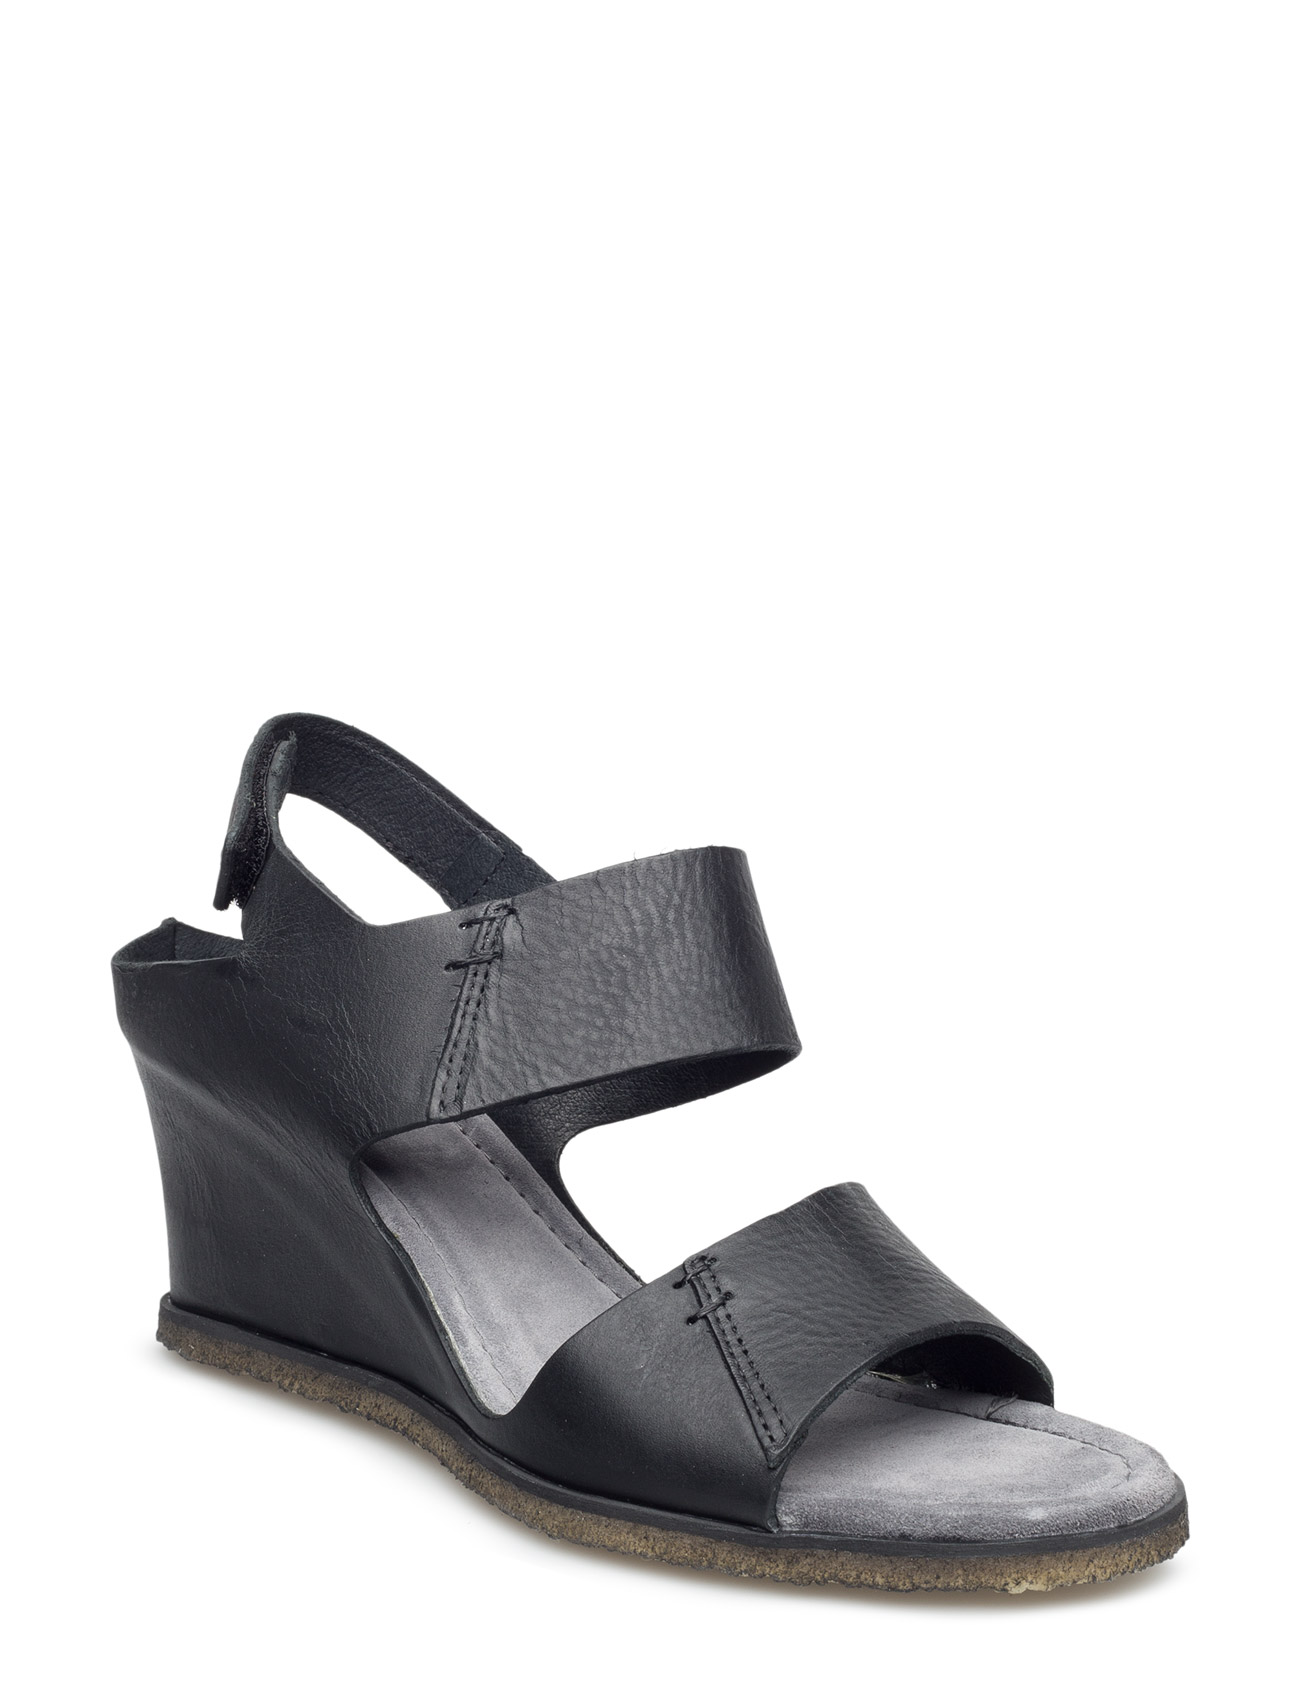 Sandals CASHOTT Sandaler til Kvinder i